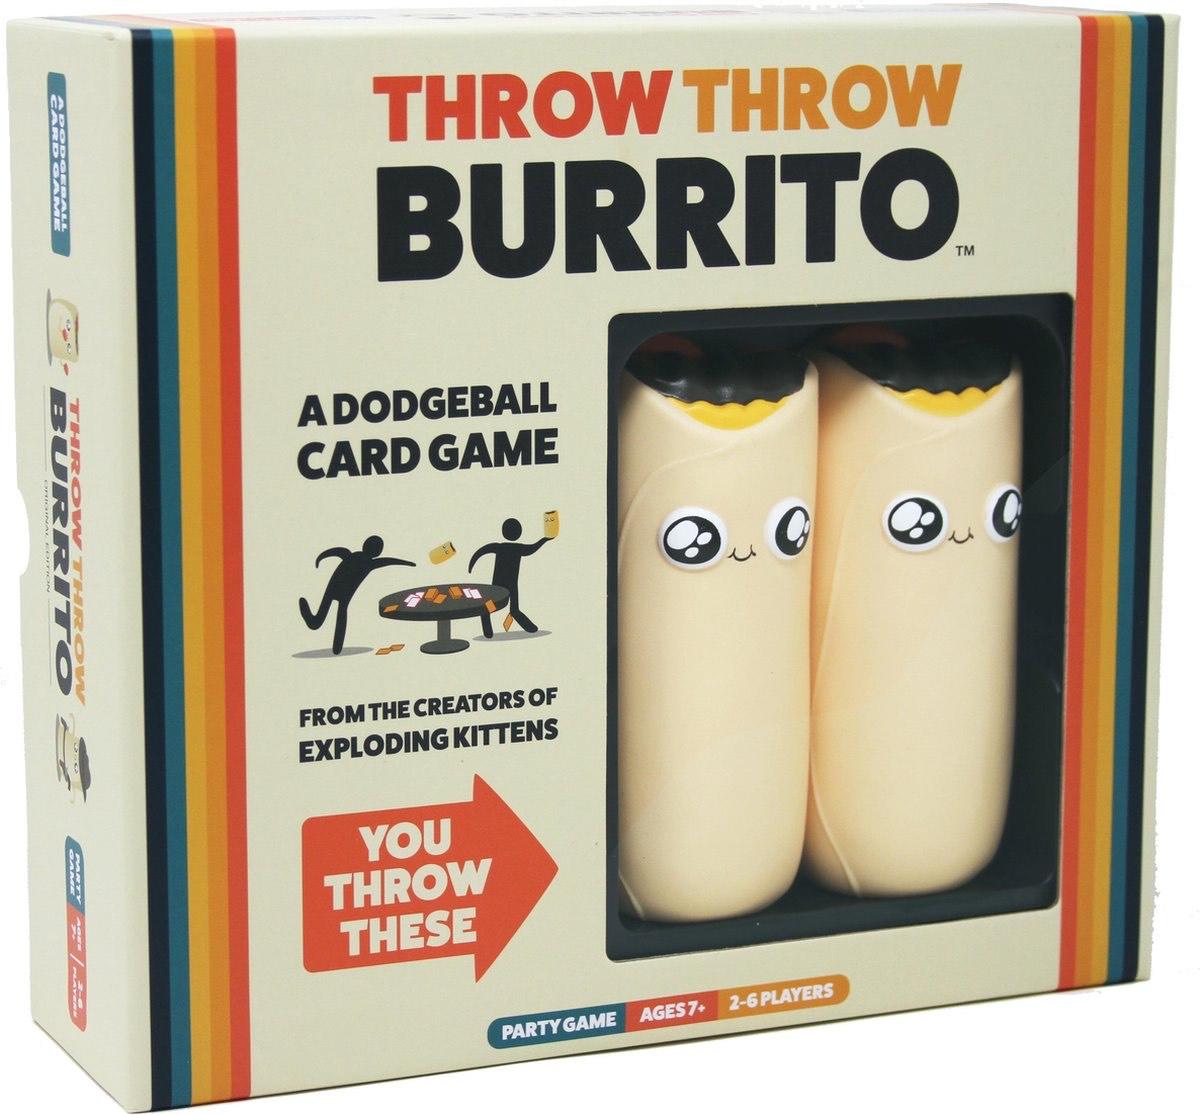 Throw Throw Burrito || Bol.com